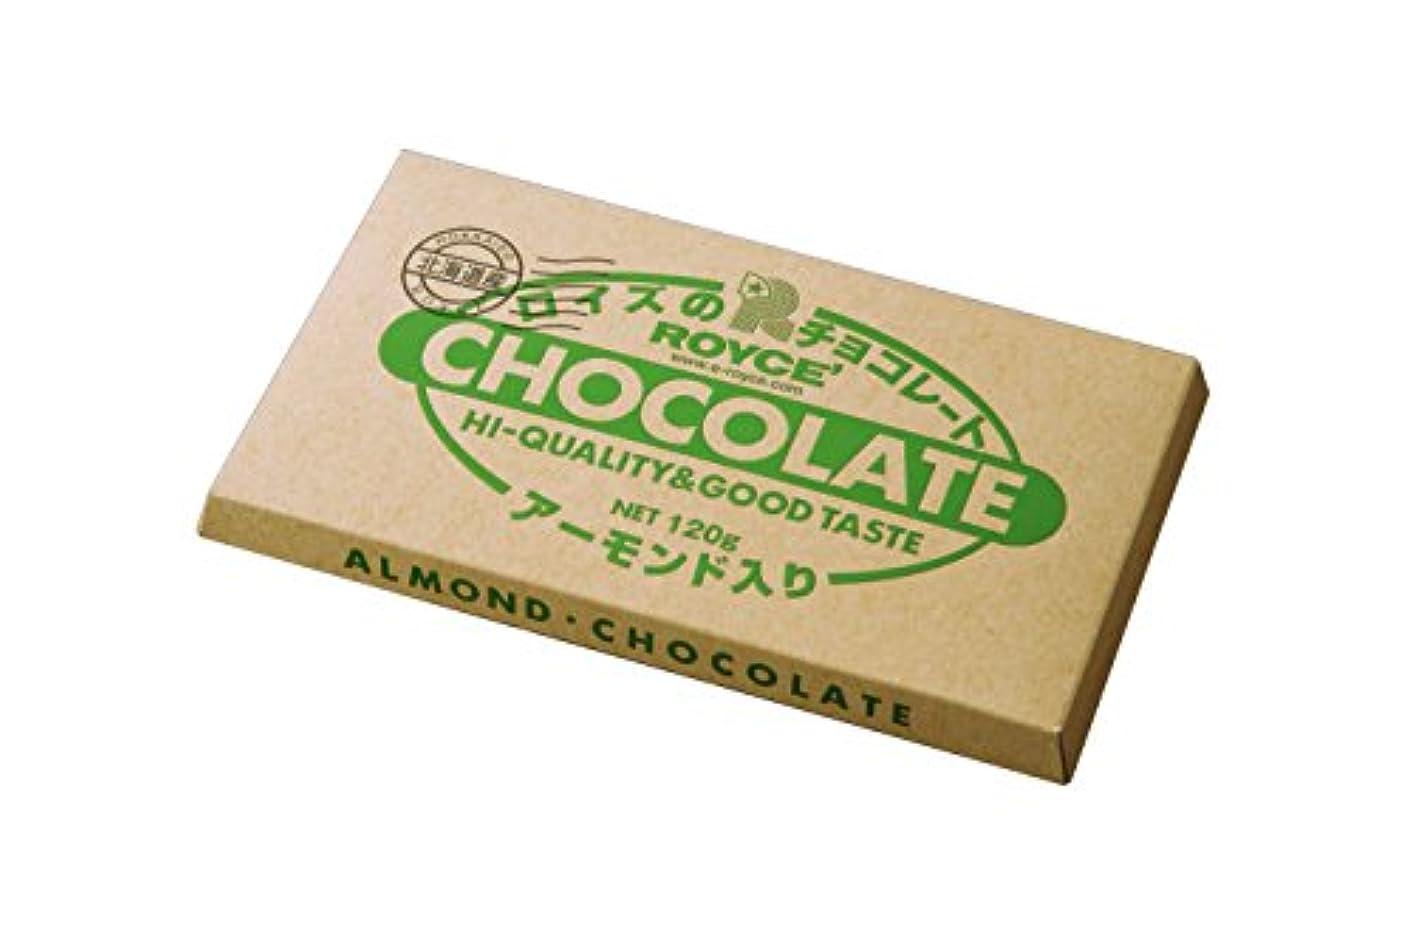 石化する途方もないブロックROYCE'(ロイズ) 板チョコレート アーモンド